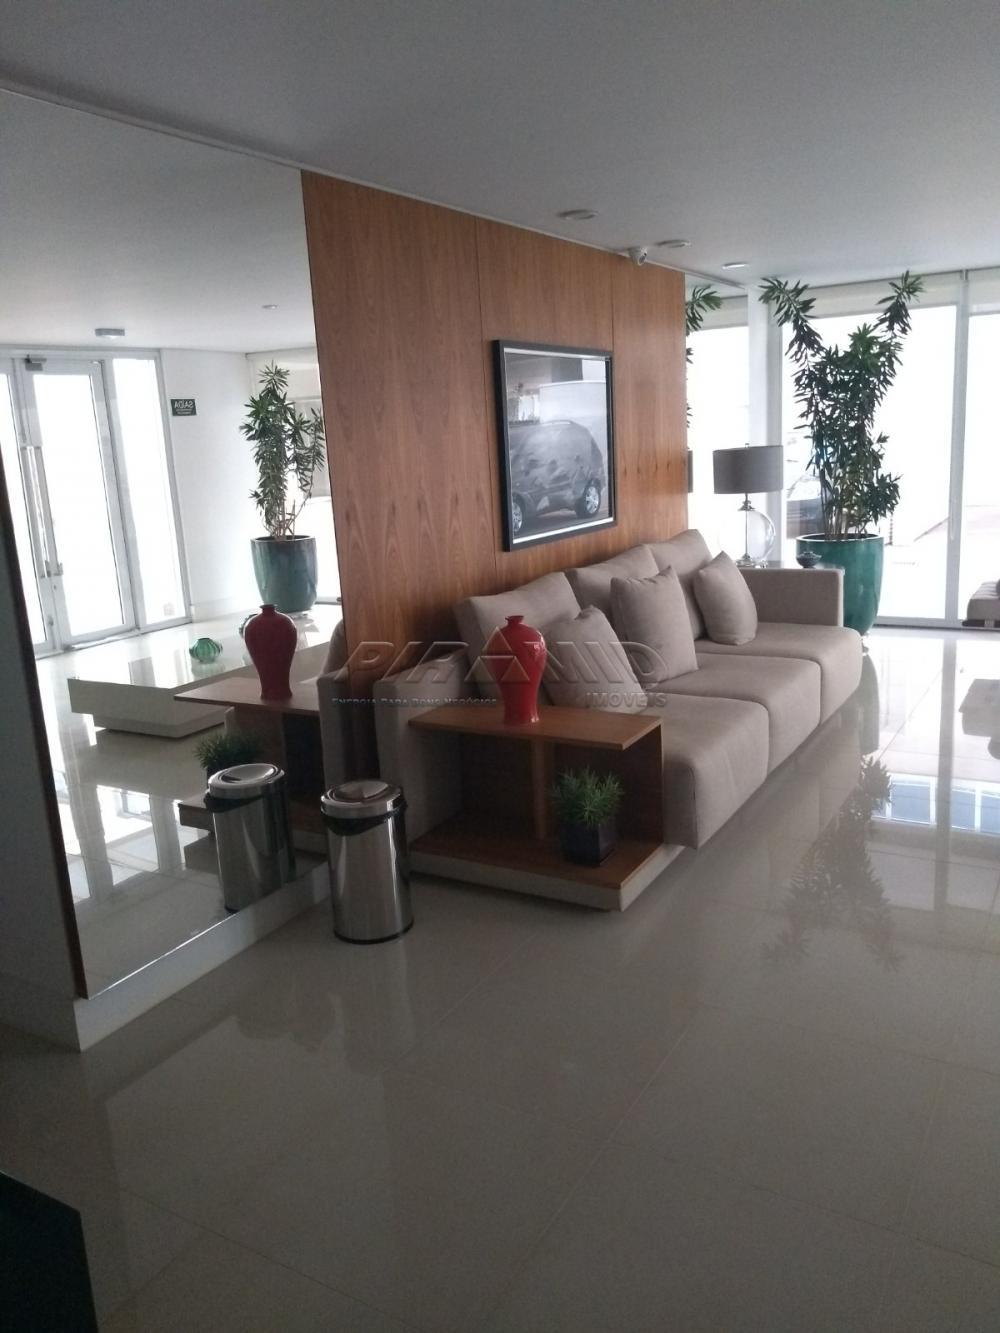 Alugar Apartamento / Padrão em Ribeirão Preto R$ 1.700,00 - Foto 60